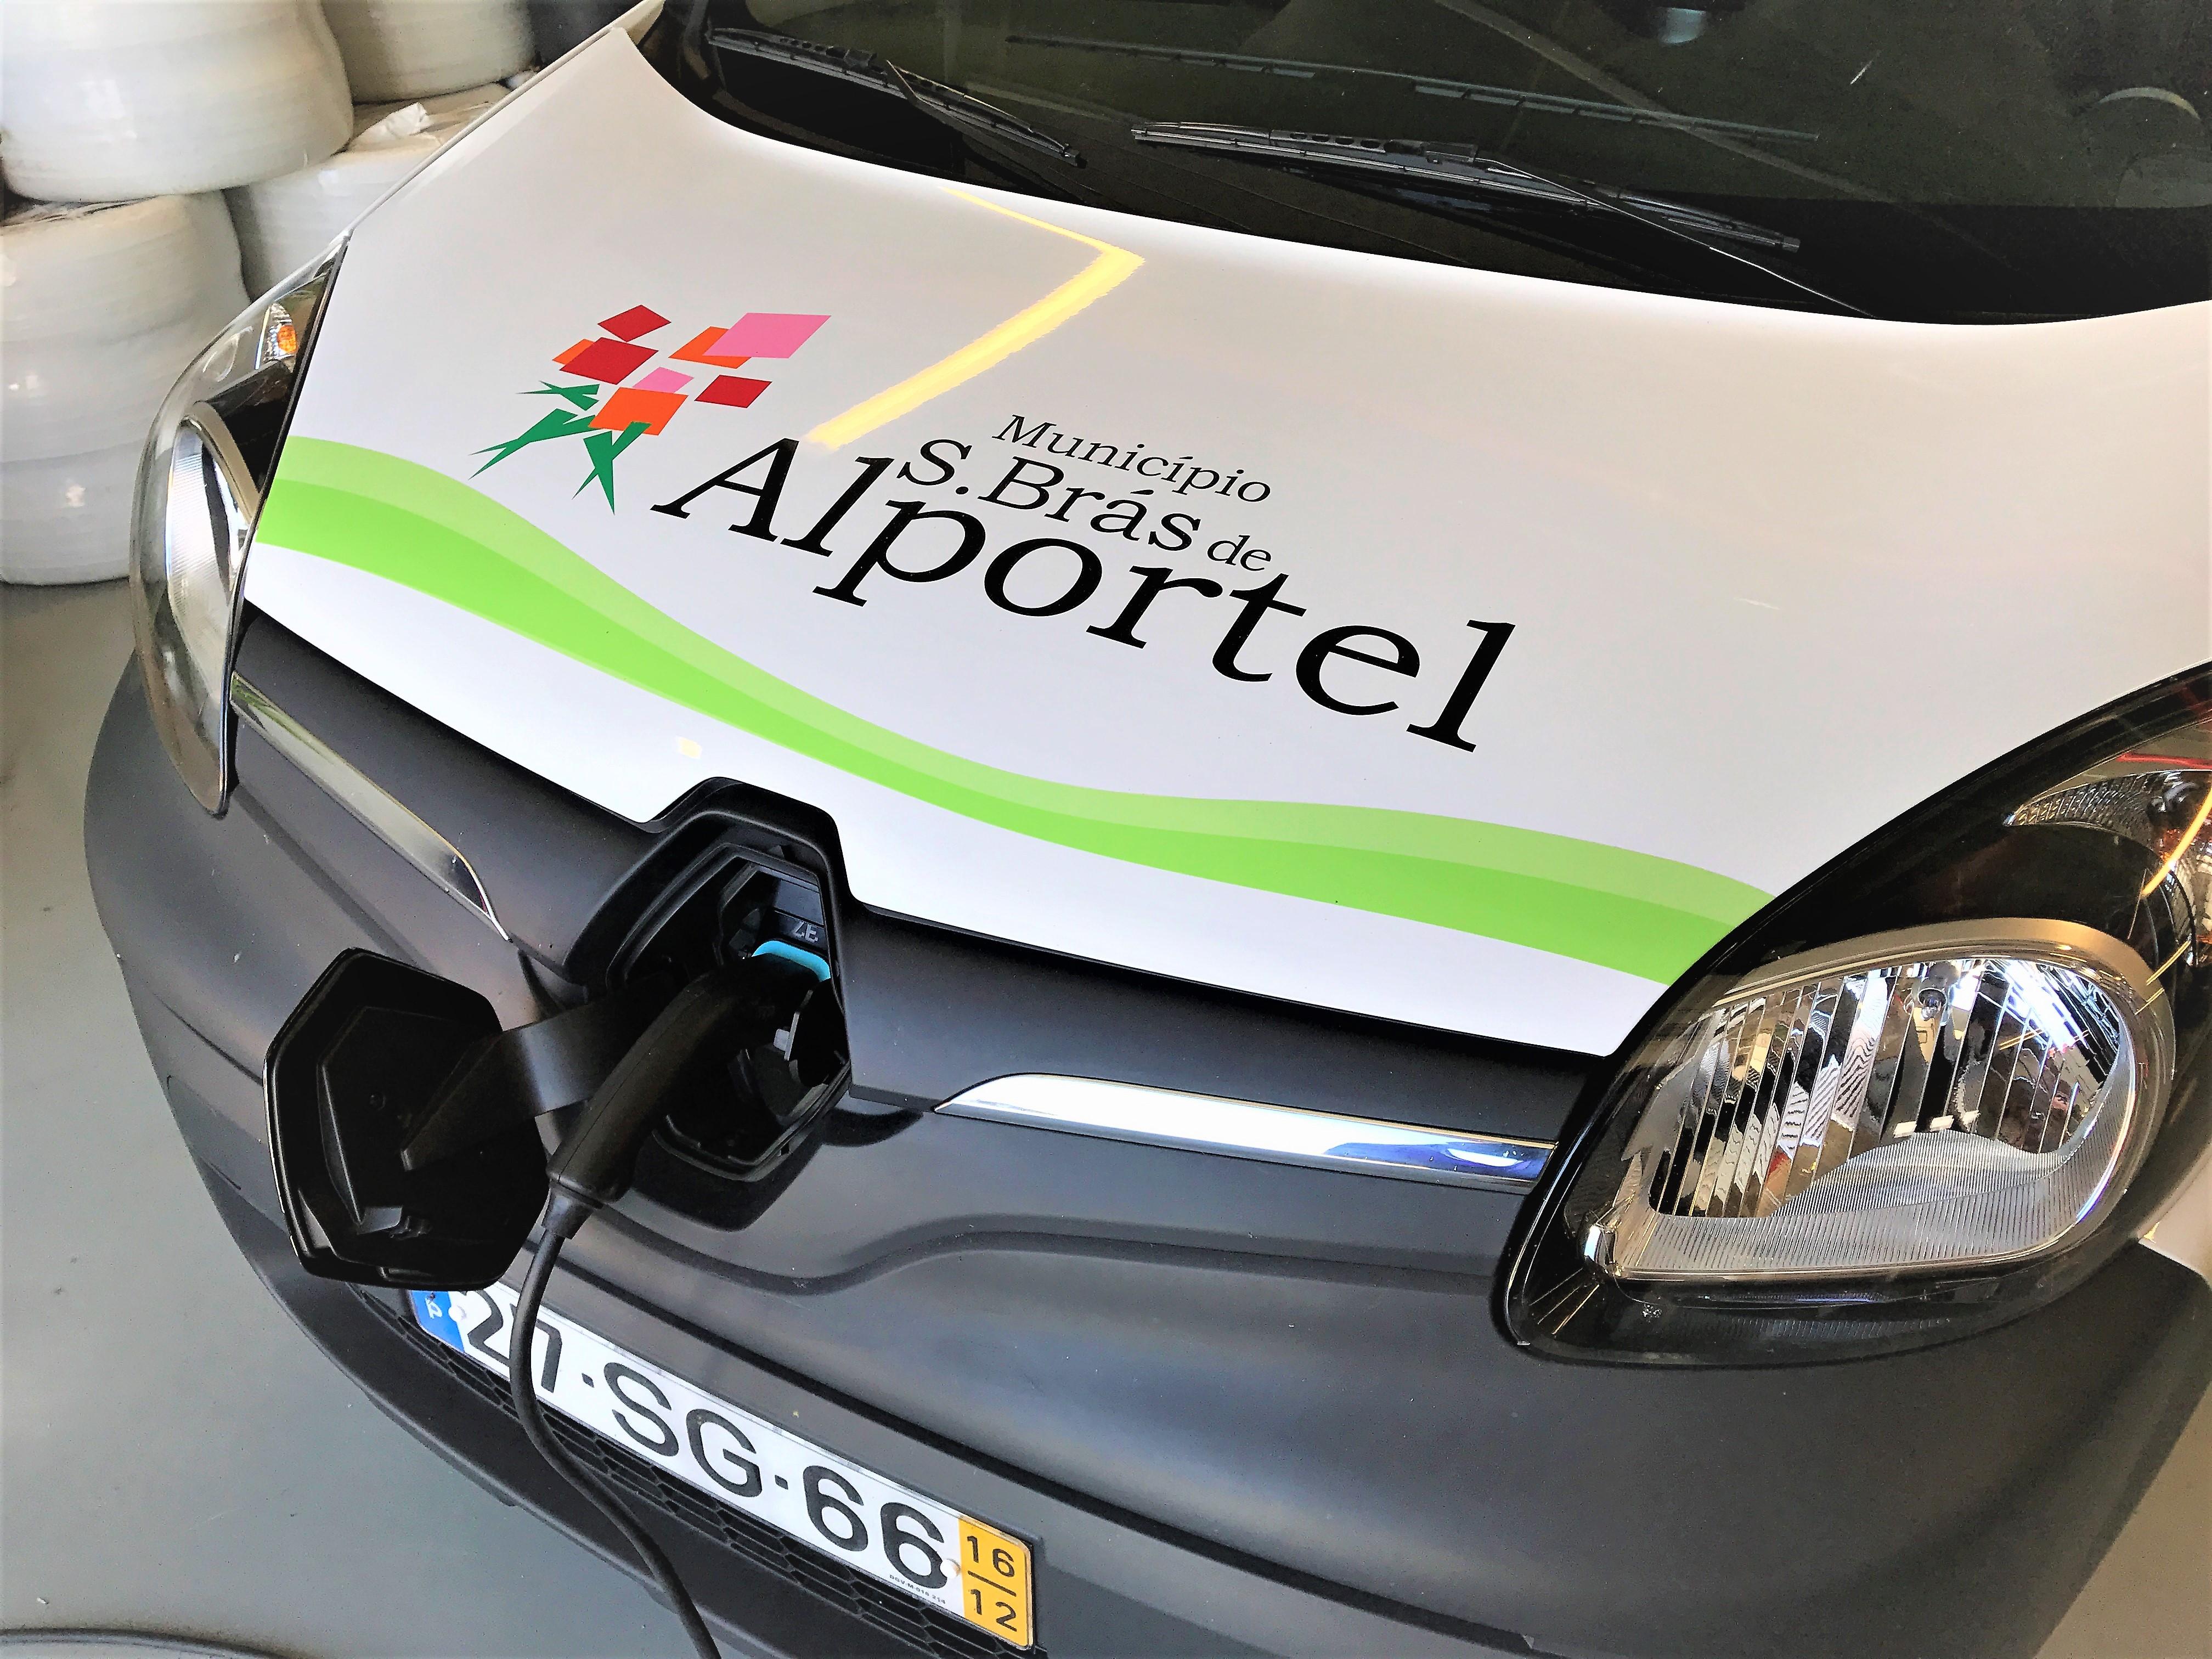 Elektroautos nutzen bereits Stadtverwaltungen an der Algarve wie hier in Sao Bras de Alportel